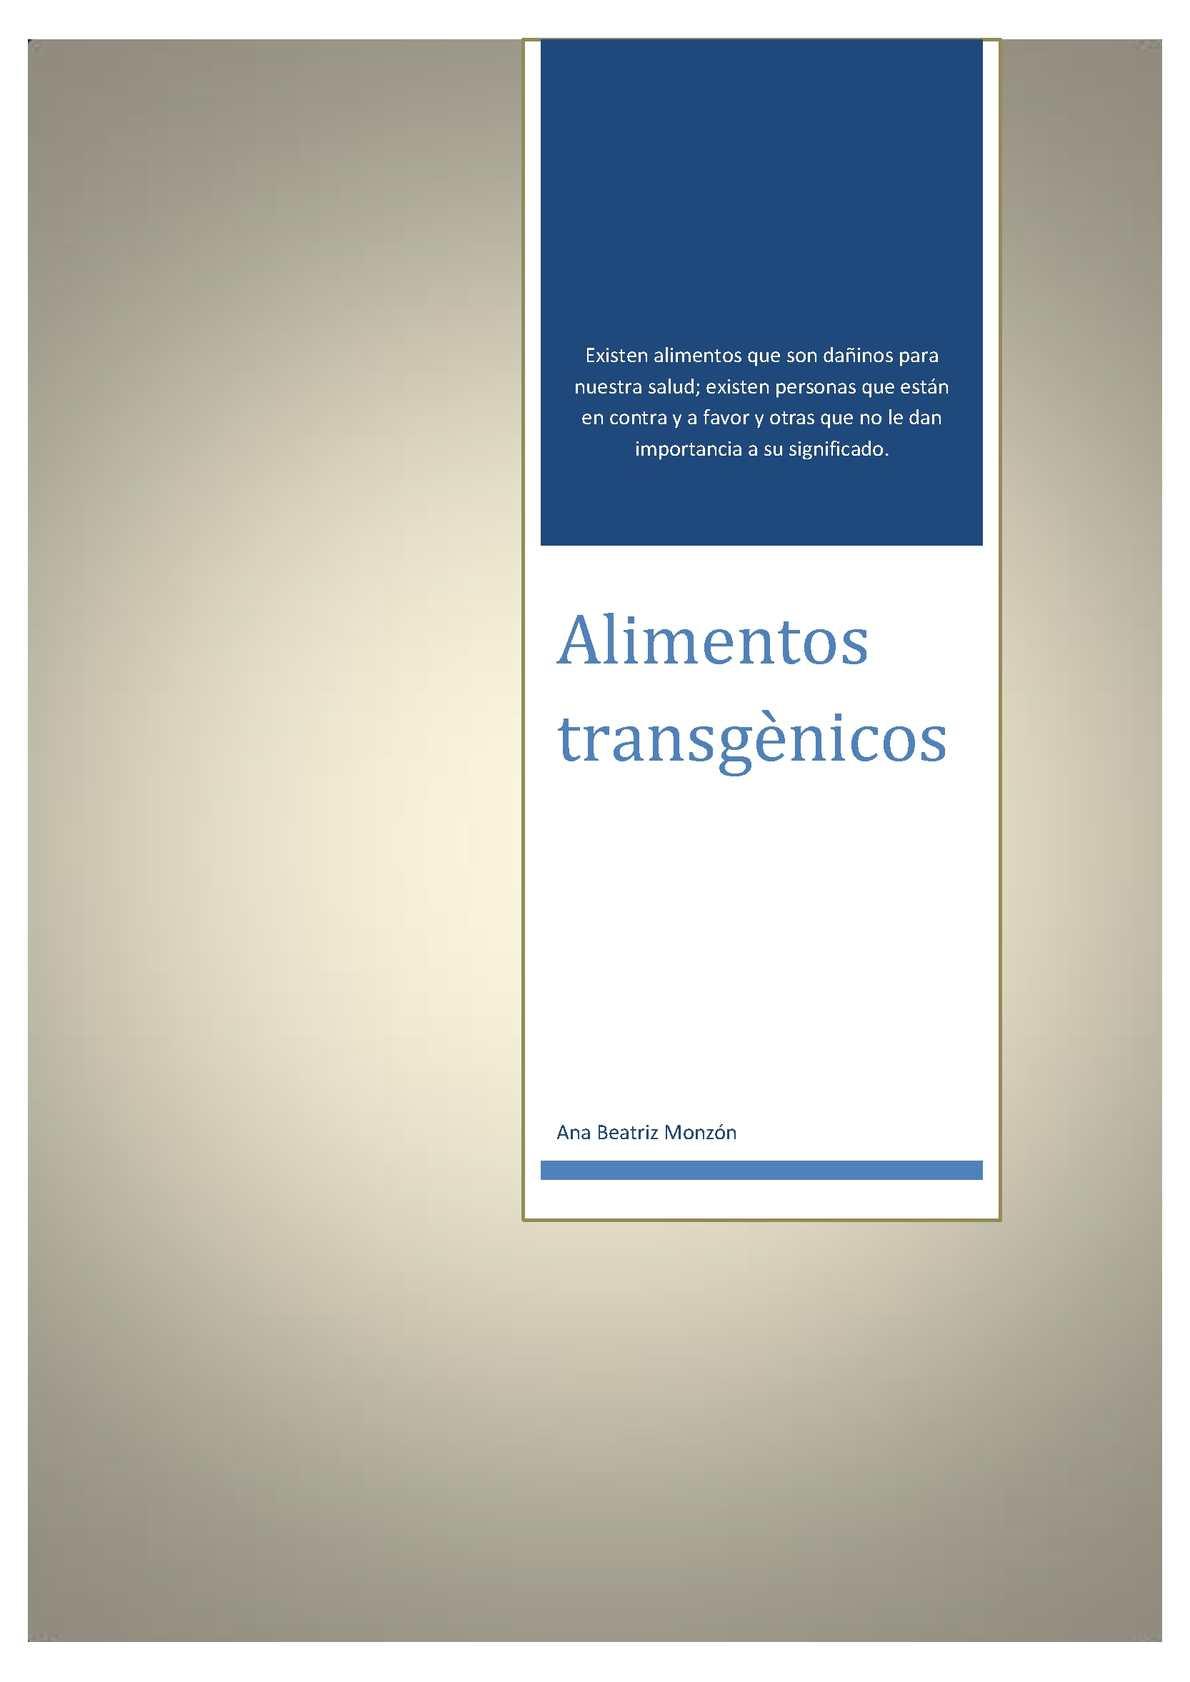 Alimentos Transgenicos Ventajas Y Desventajas Download